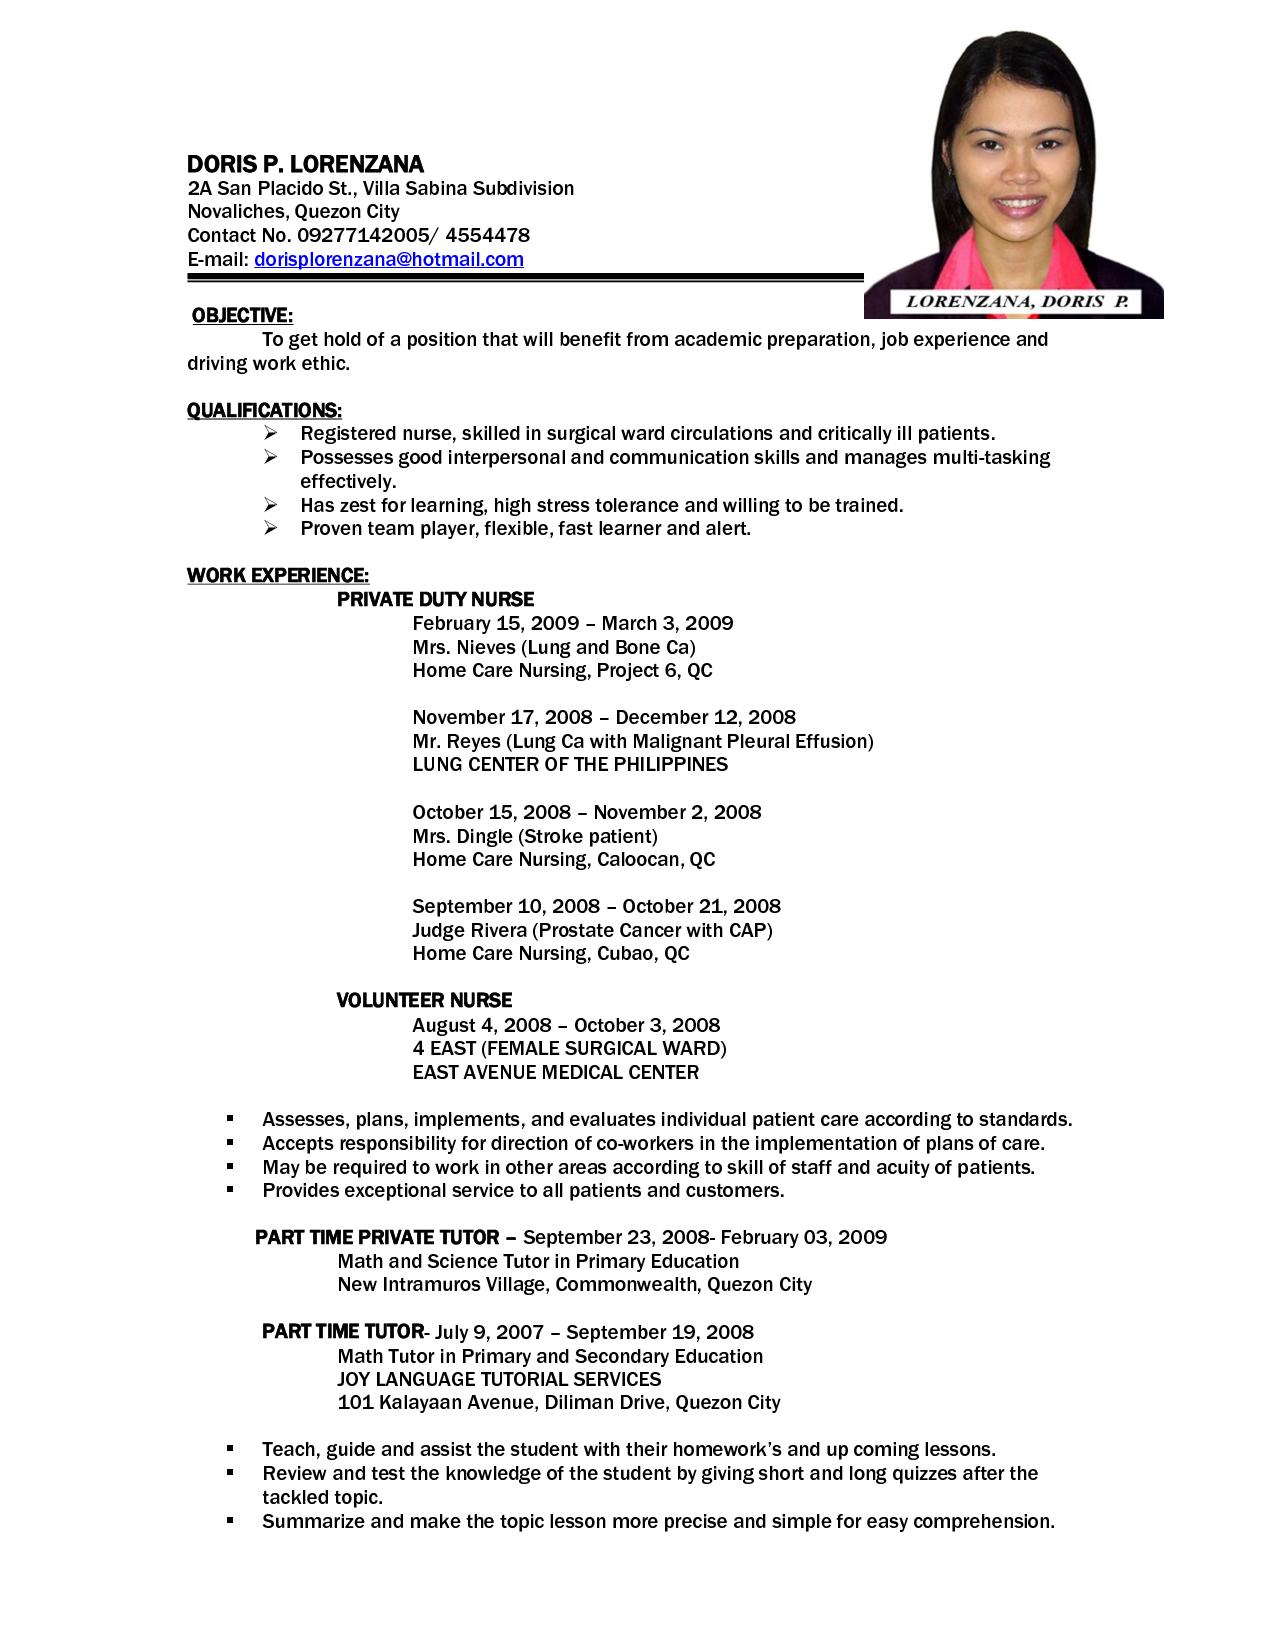 İngilizce Özgeçmiş Örneği , CV Template | Resimli Cv Örnekleri